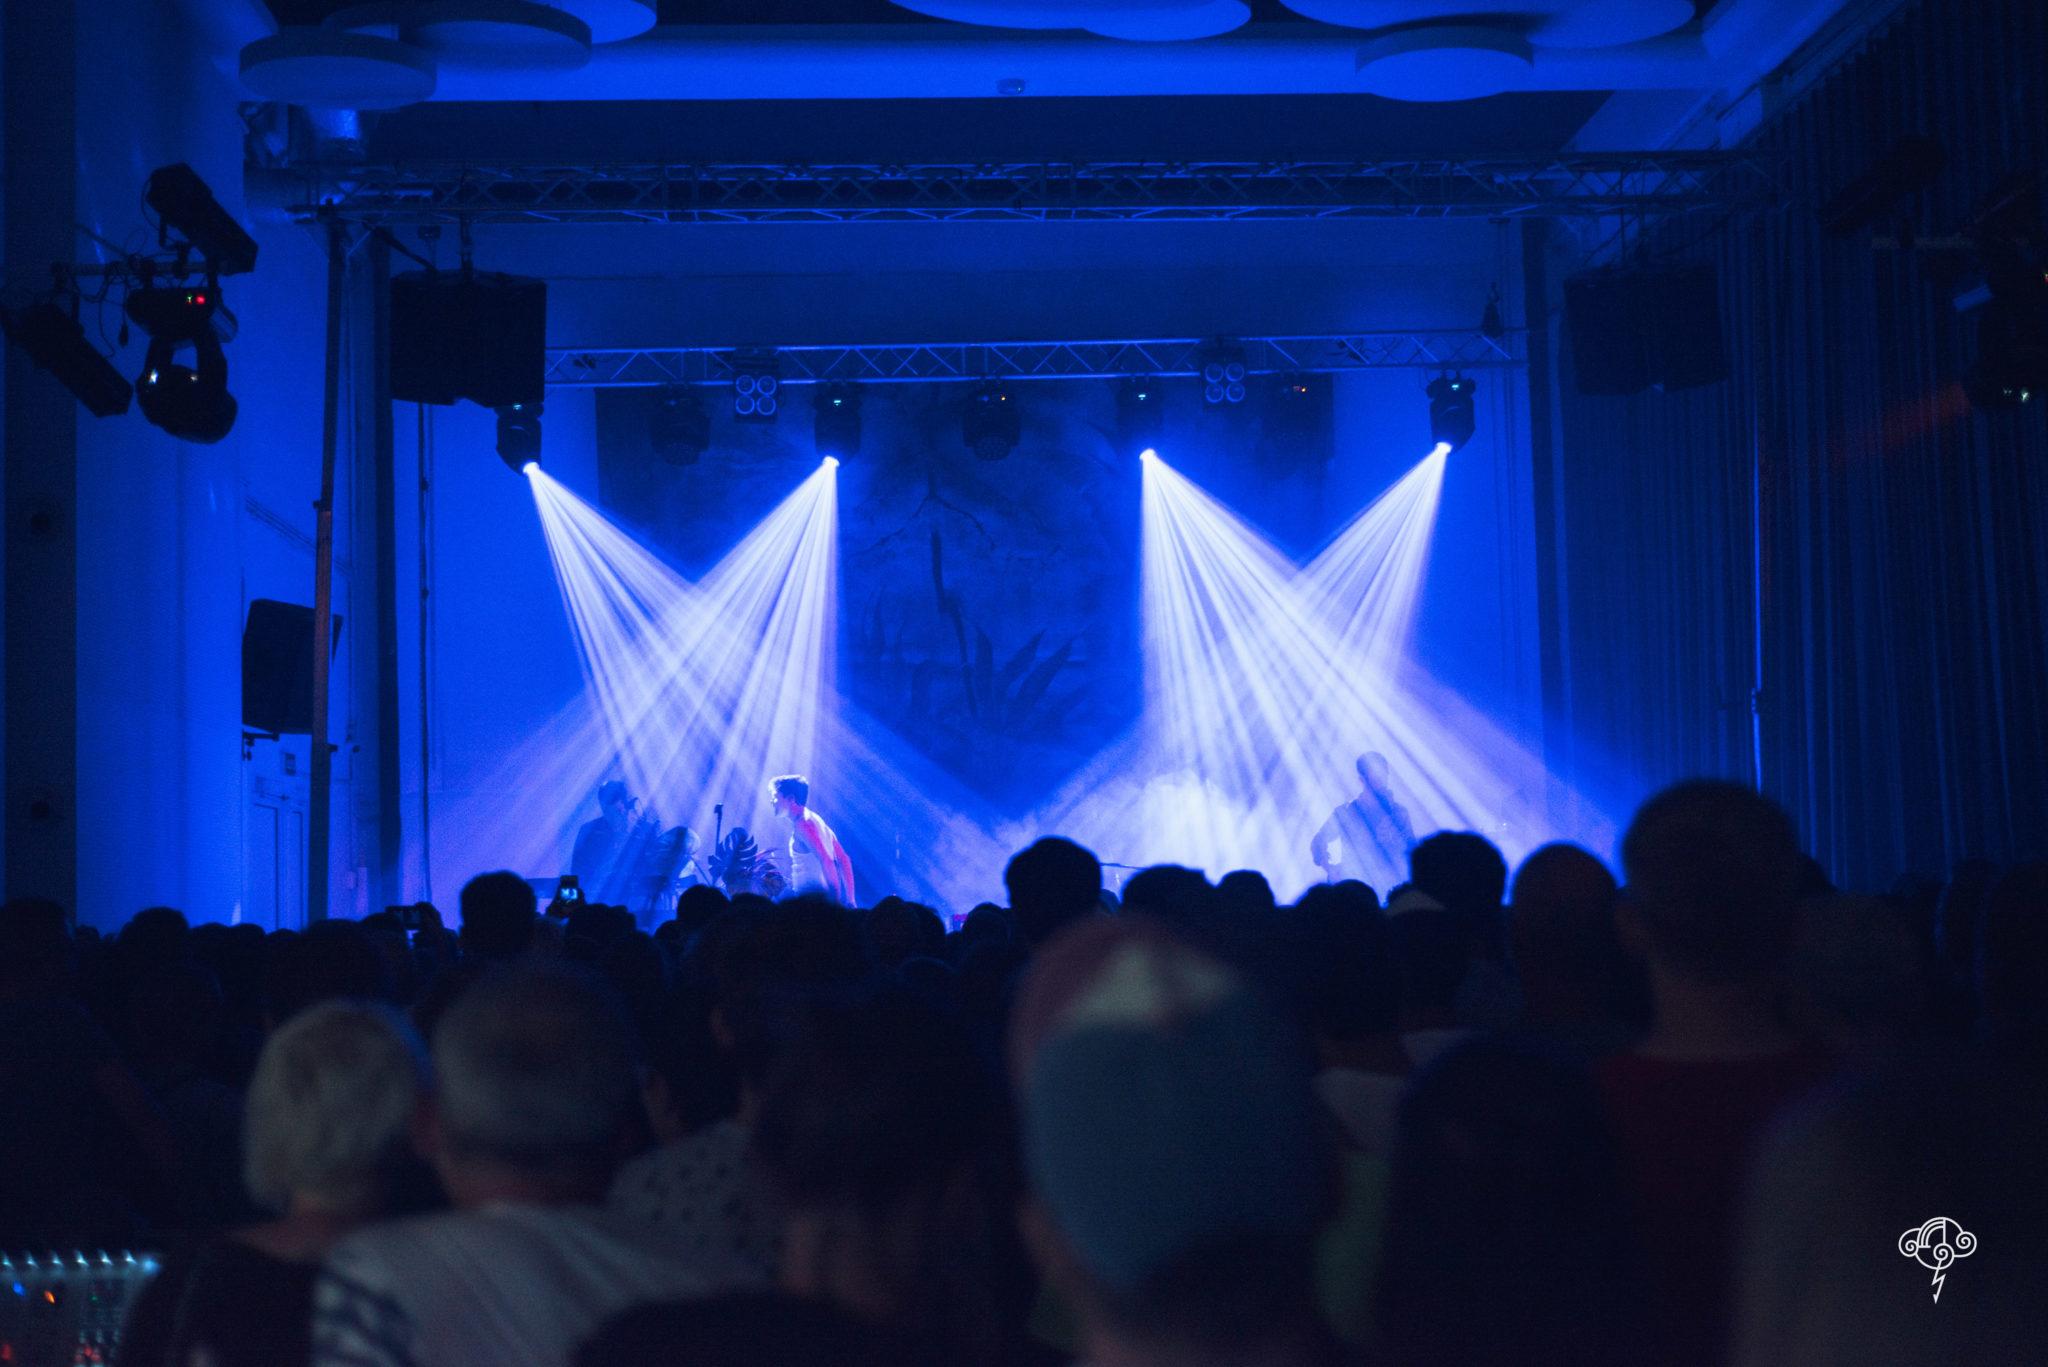 Oświetlona reflektorami scena i tłum ludzi